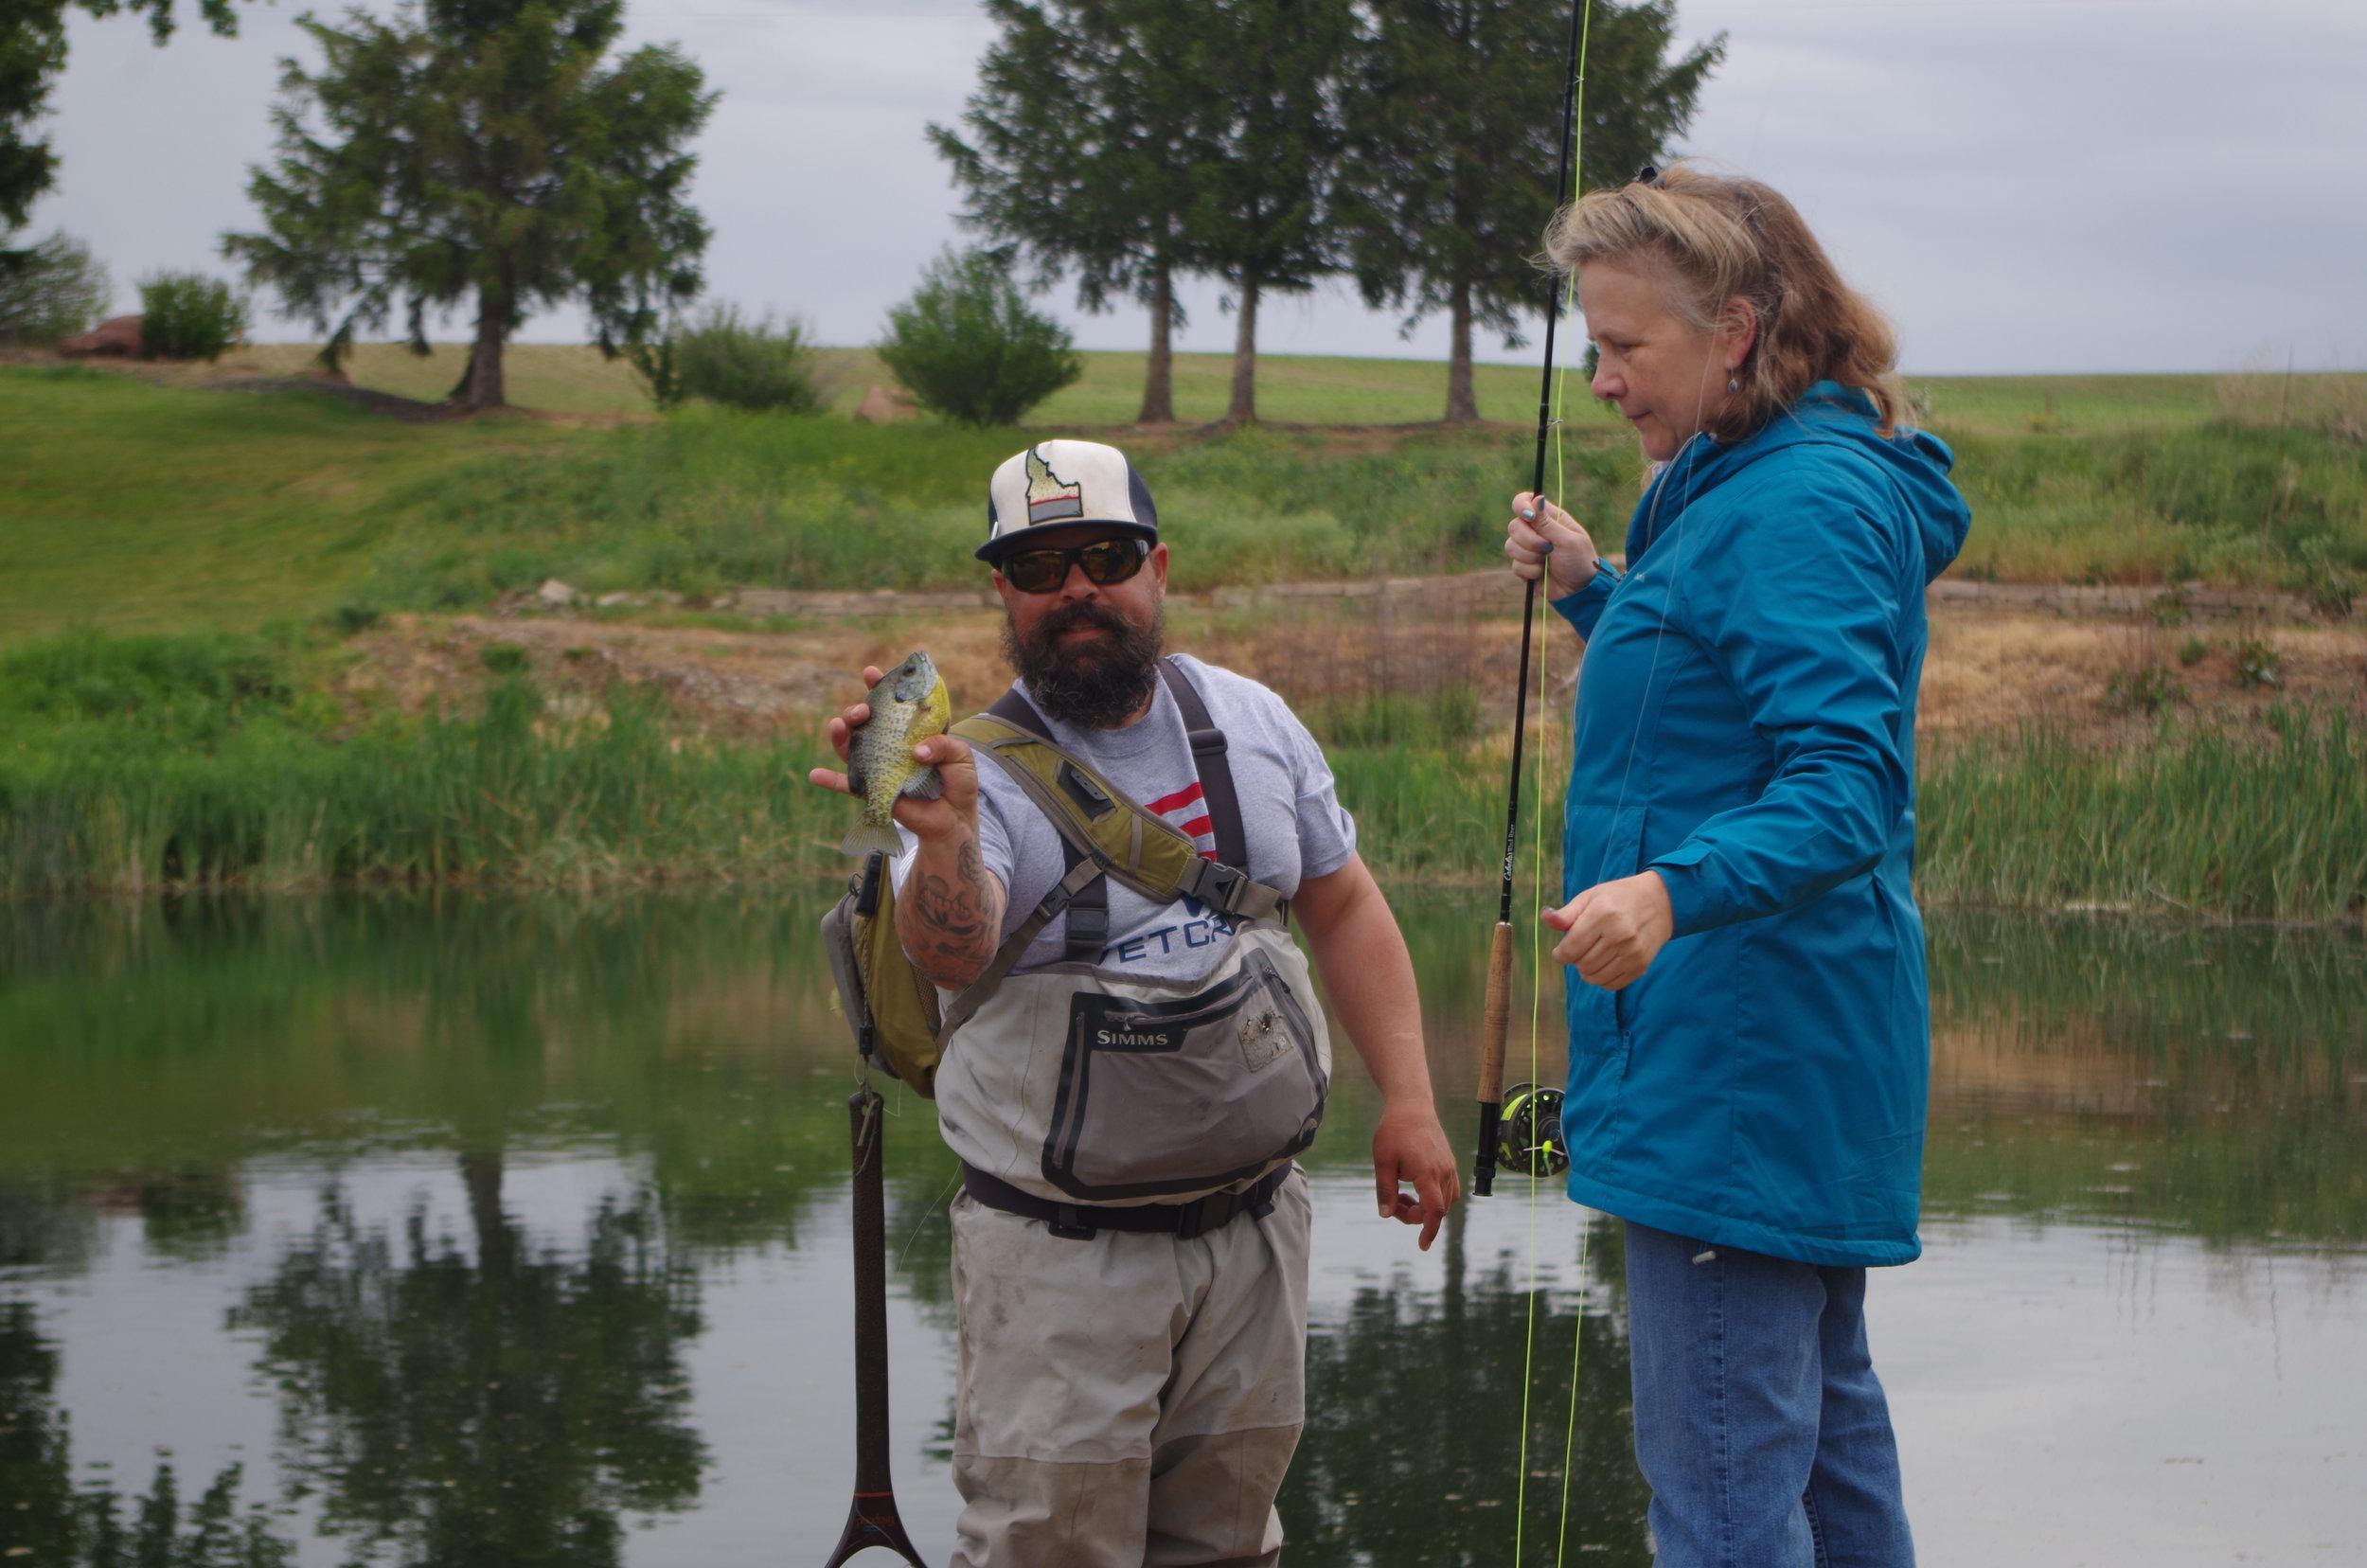 Fly fishing success at R&R!